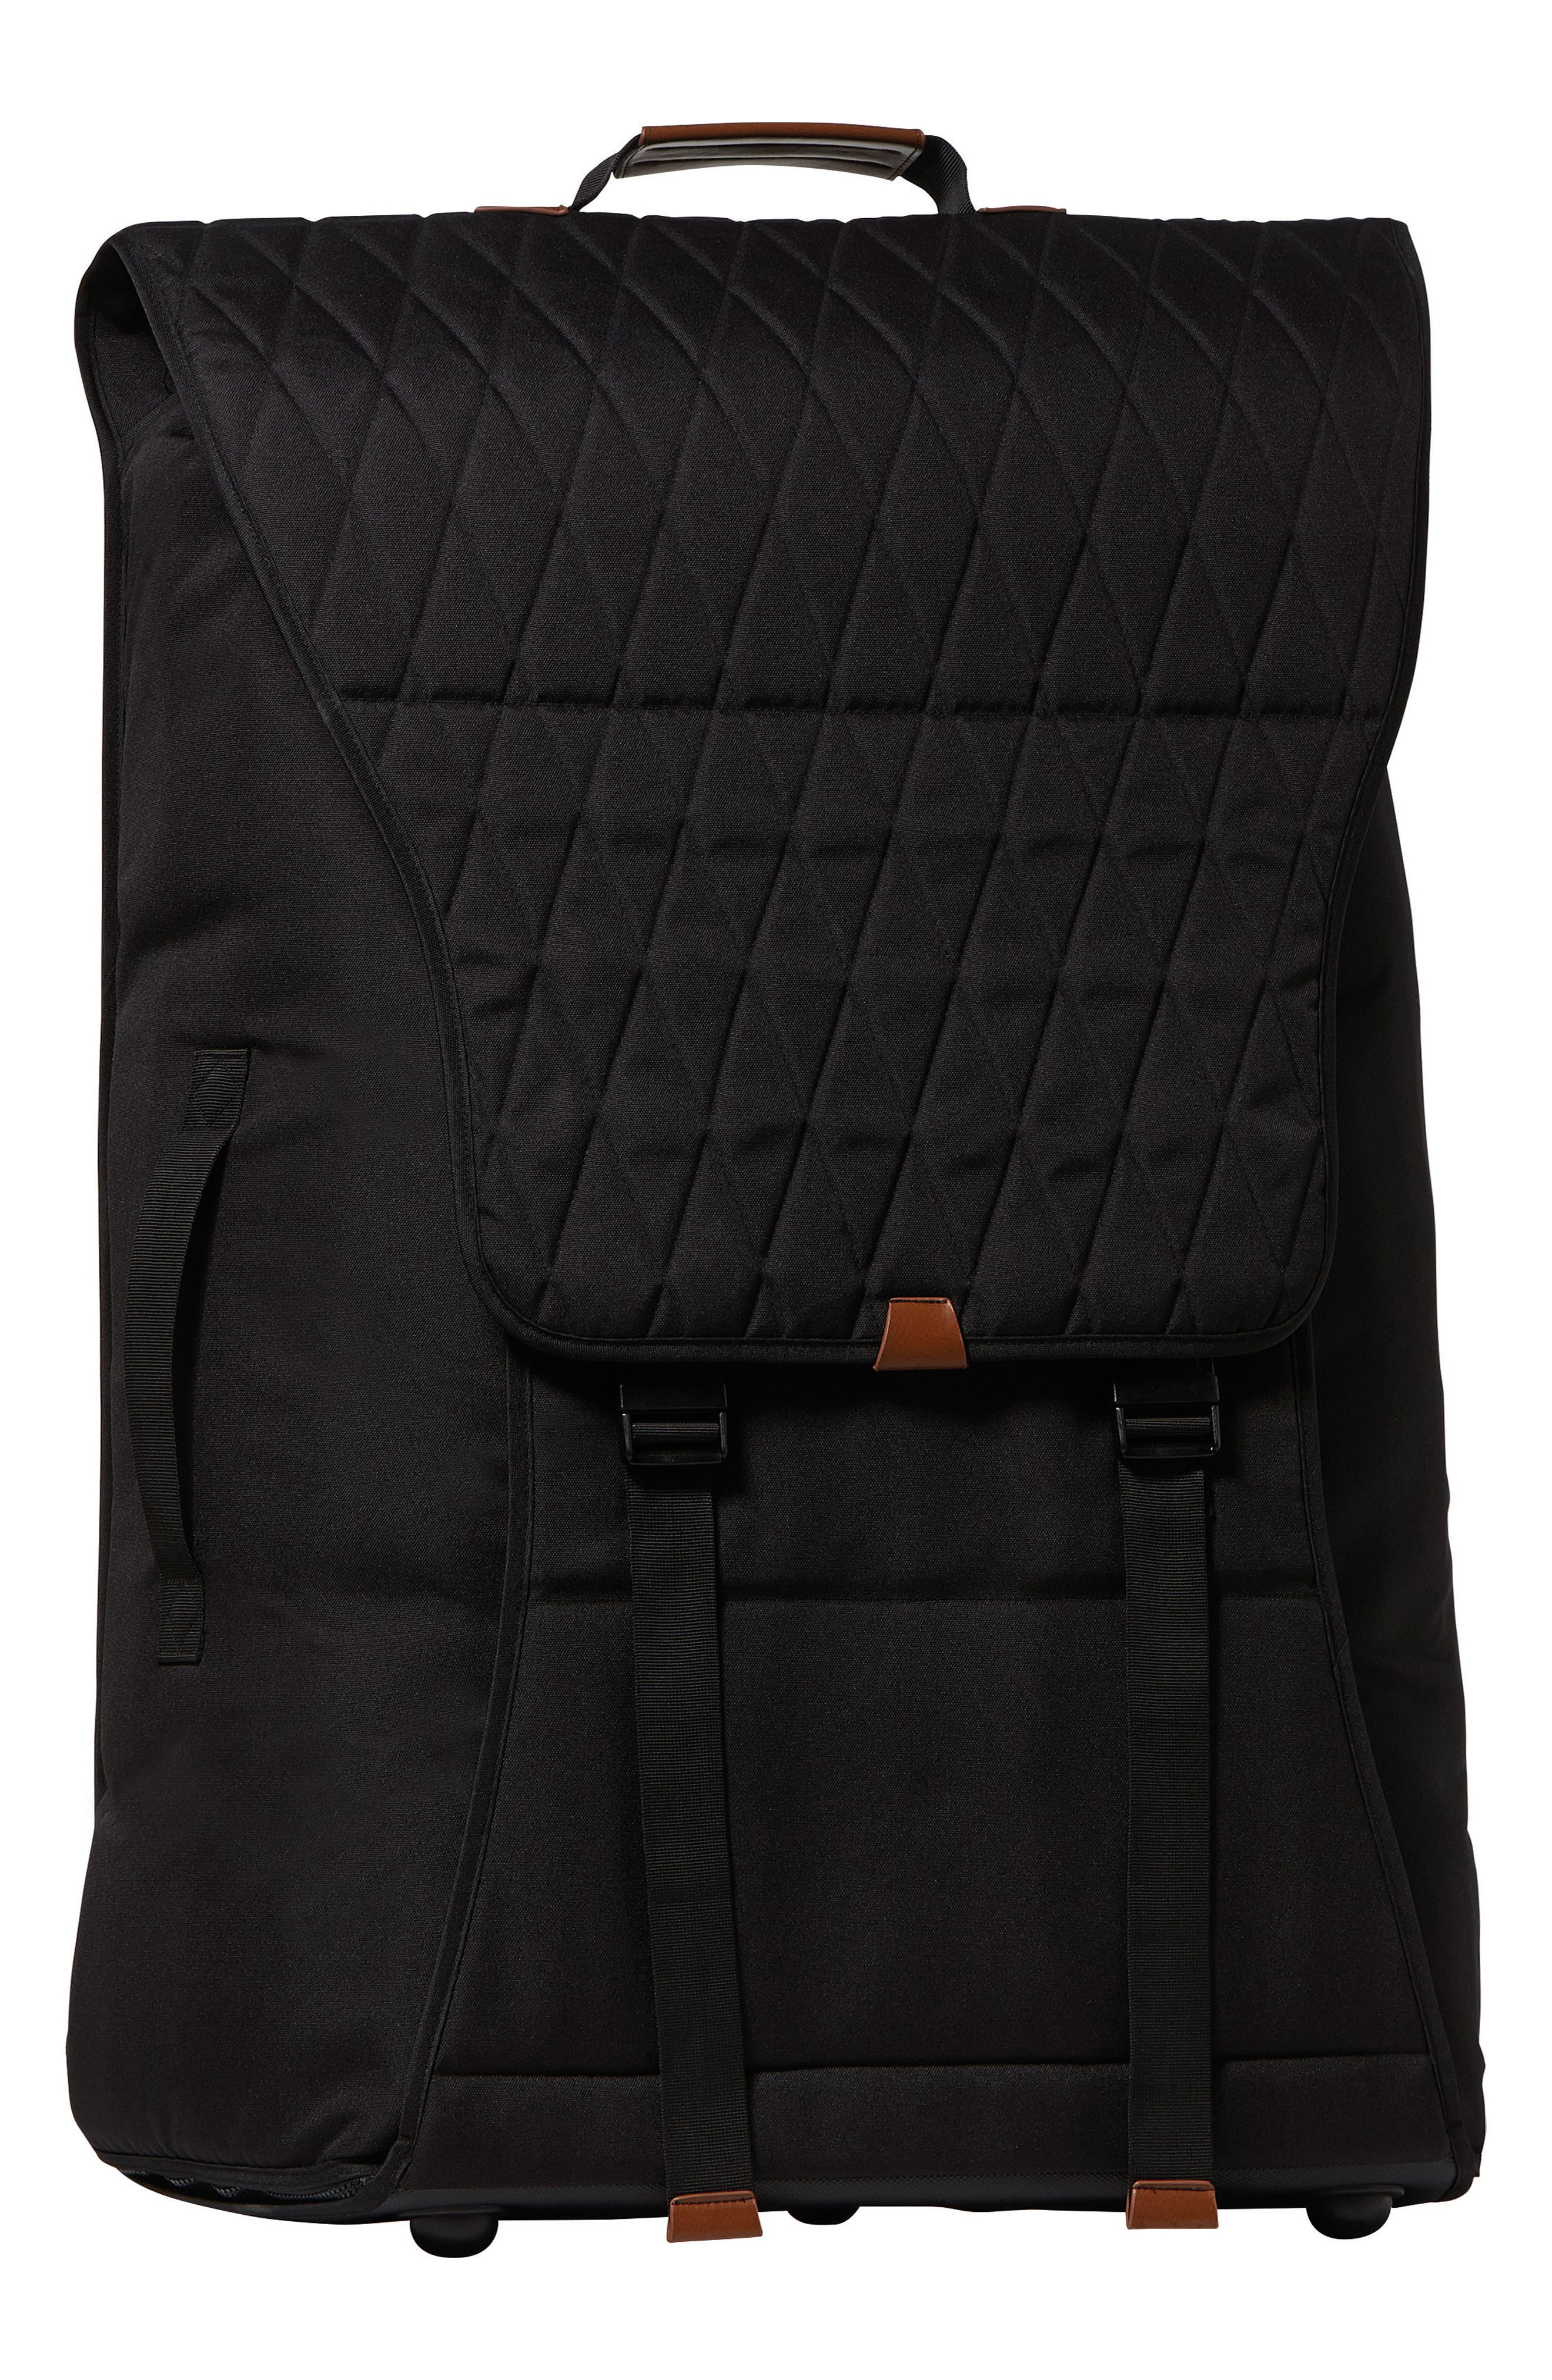 Traveller Water-Resistant Stroller Travel Bag,                         Main,                         color, Black